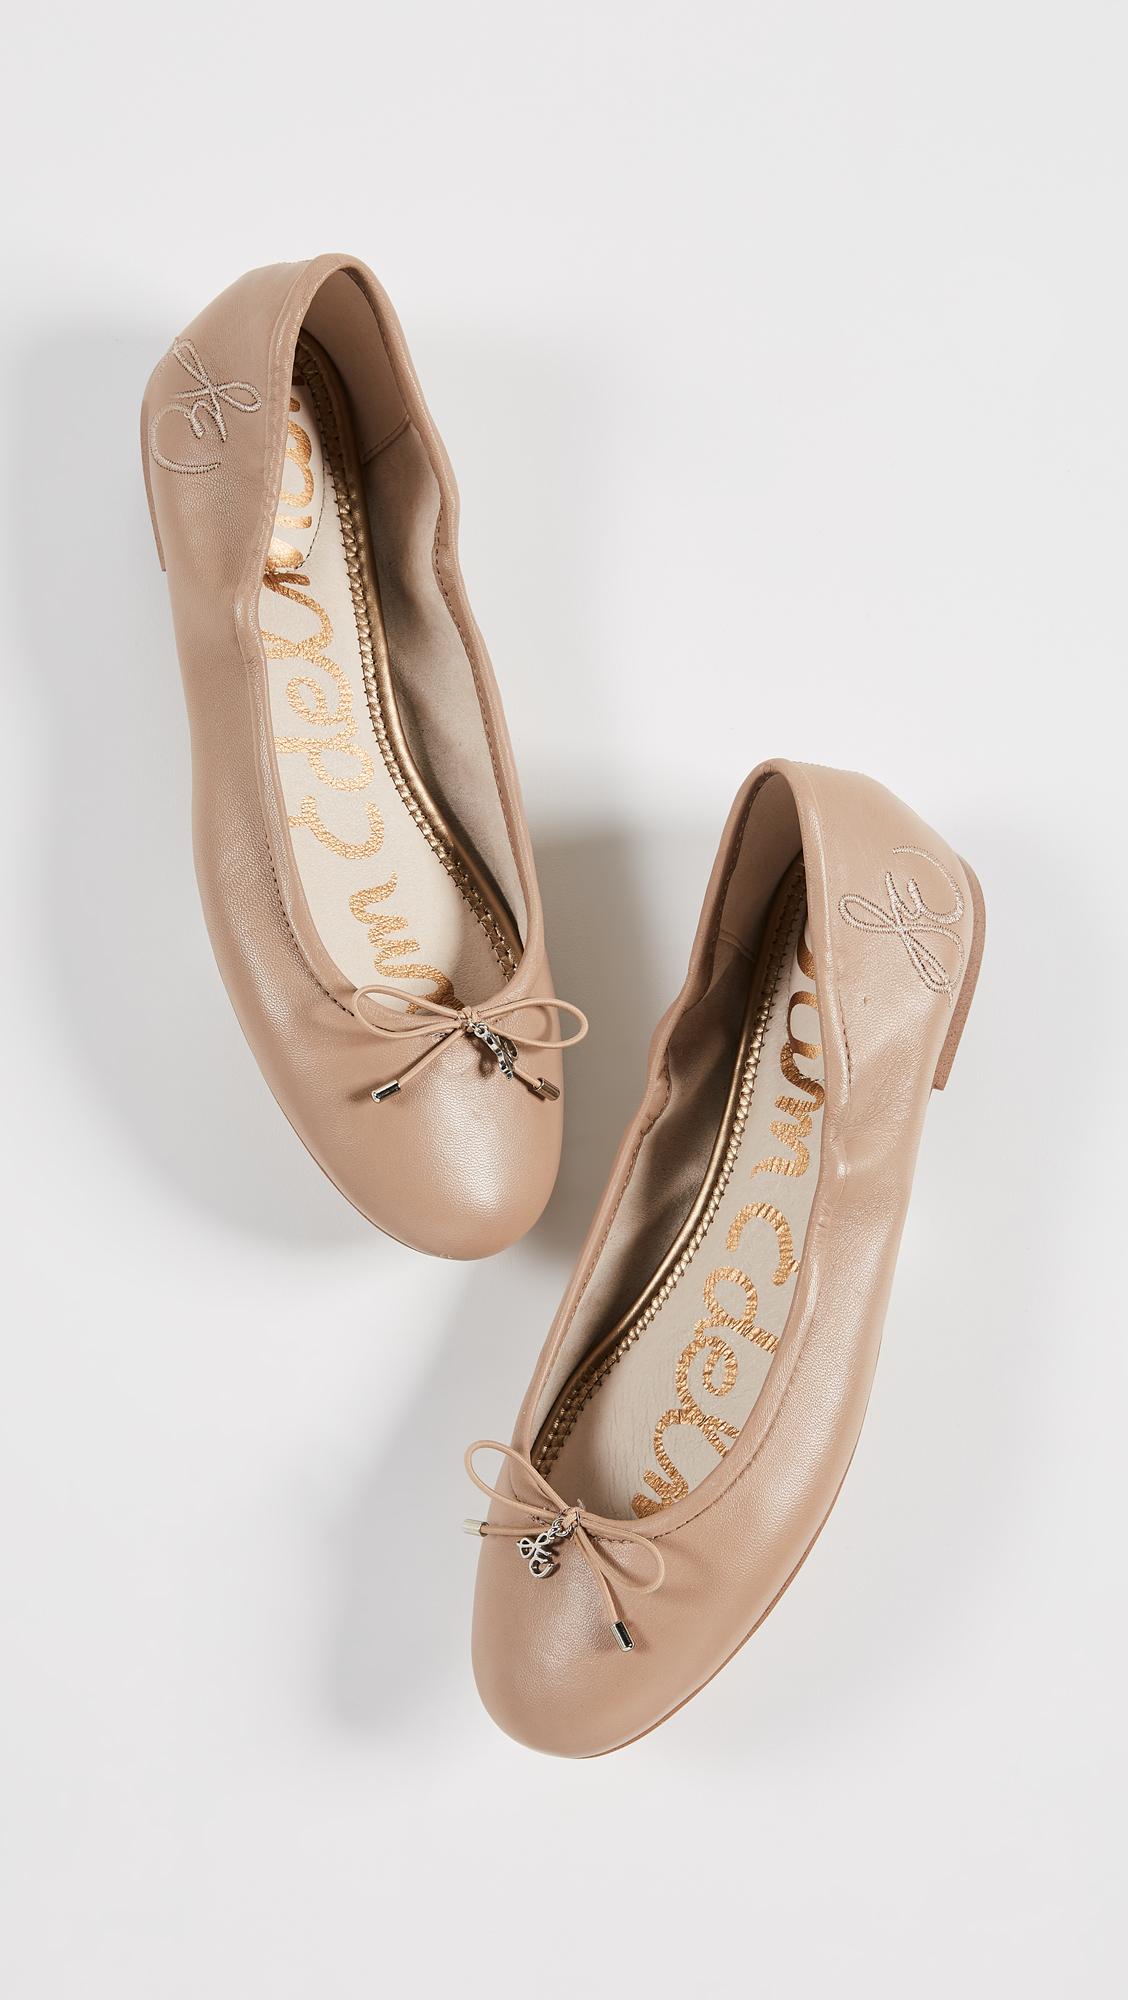 844601d10 Sam Edelman Felicia Ballet Flats